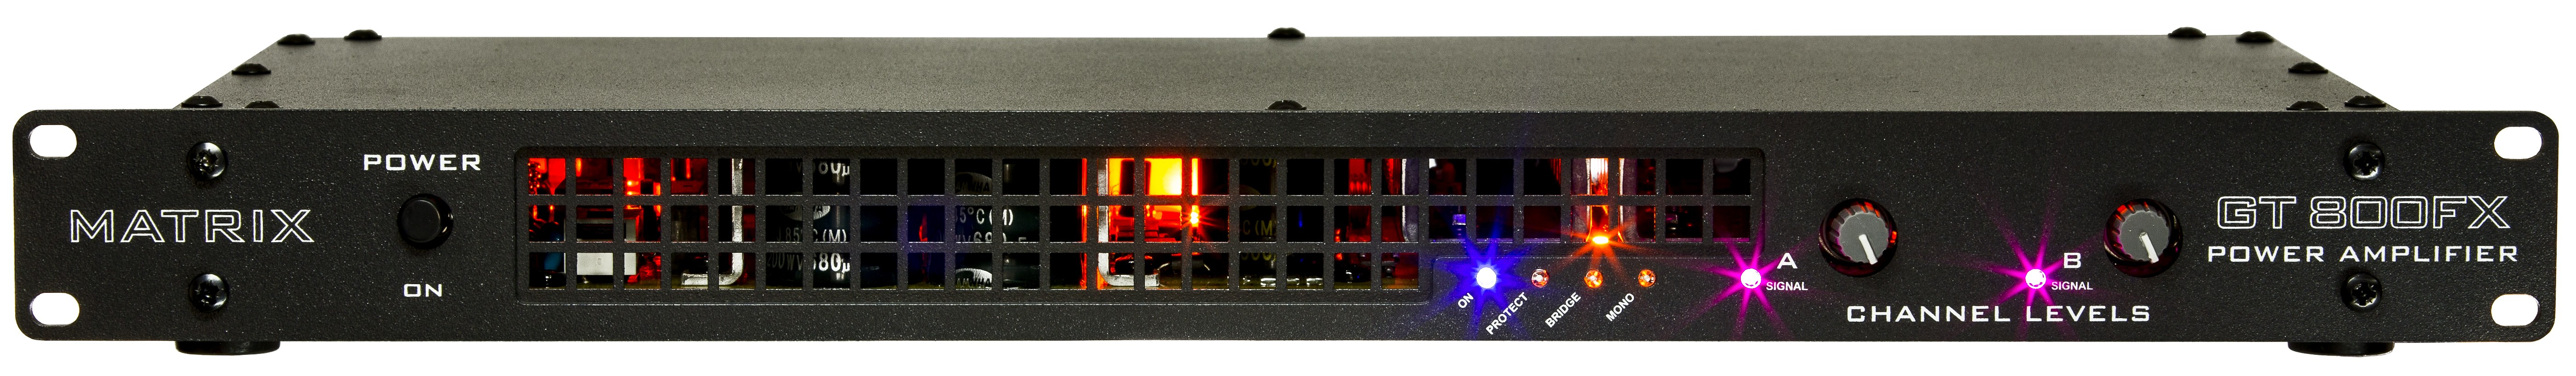 GT800FX